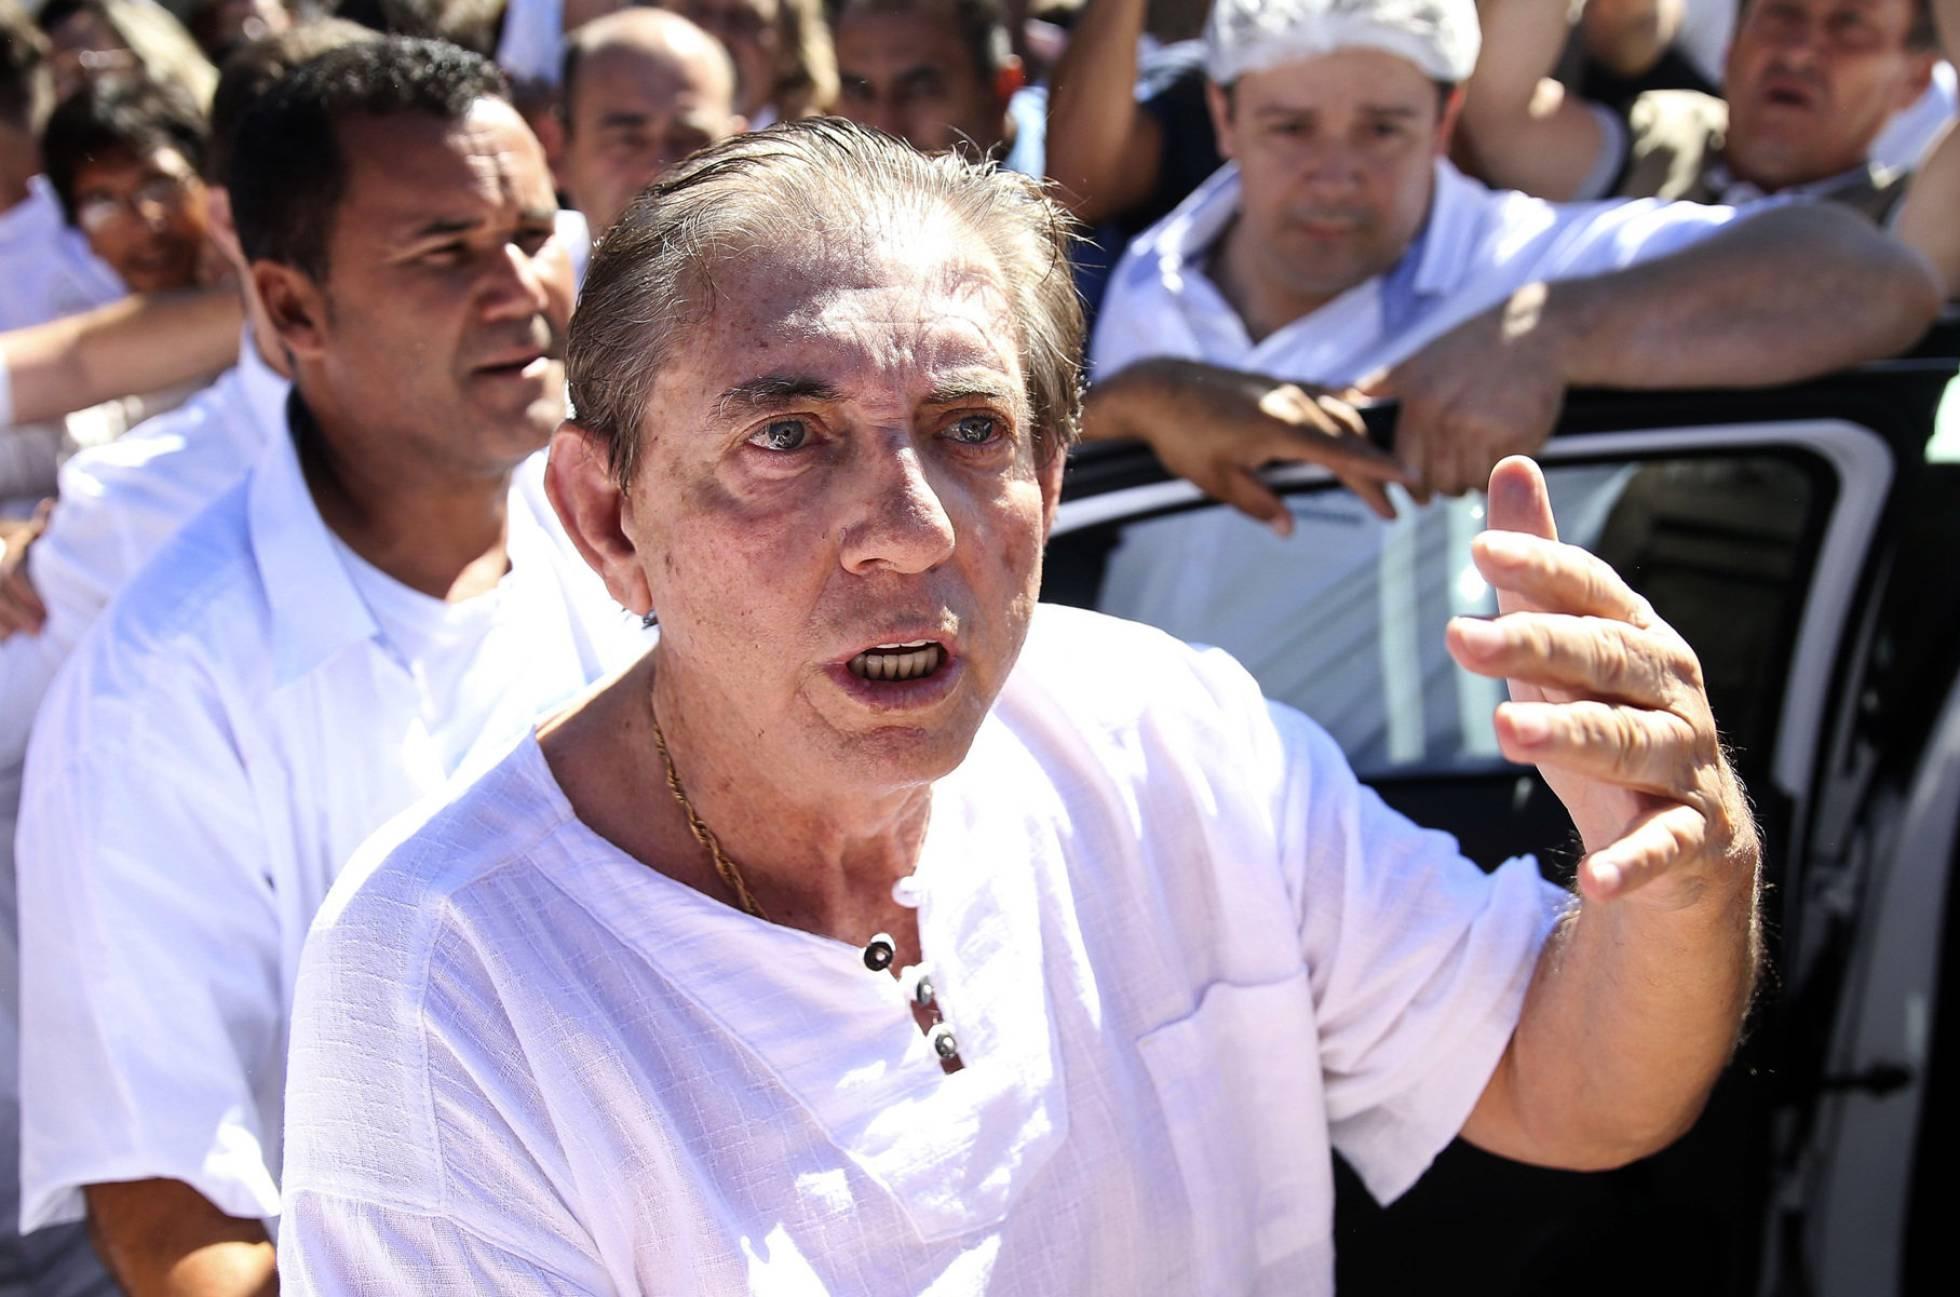 La justicia brasileña decreta prisión contra el 'sanador espiritual' acusado de abuso sexual